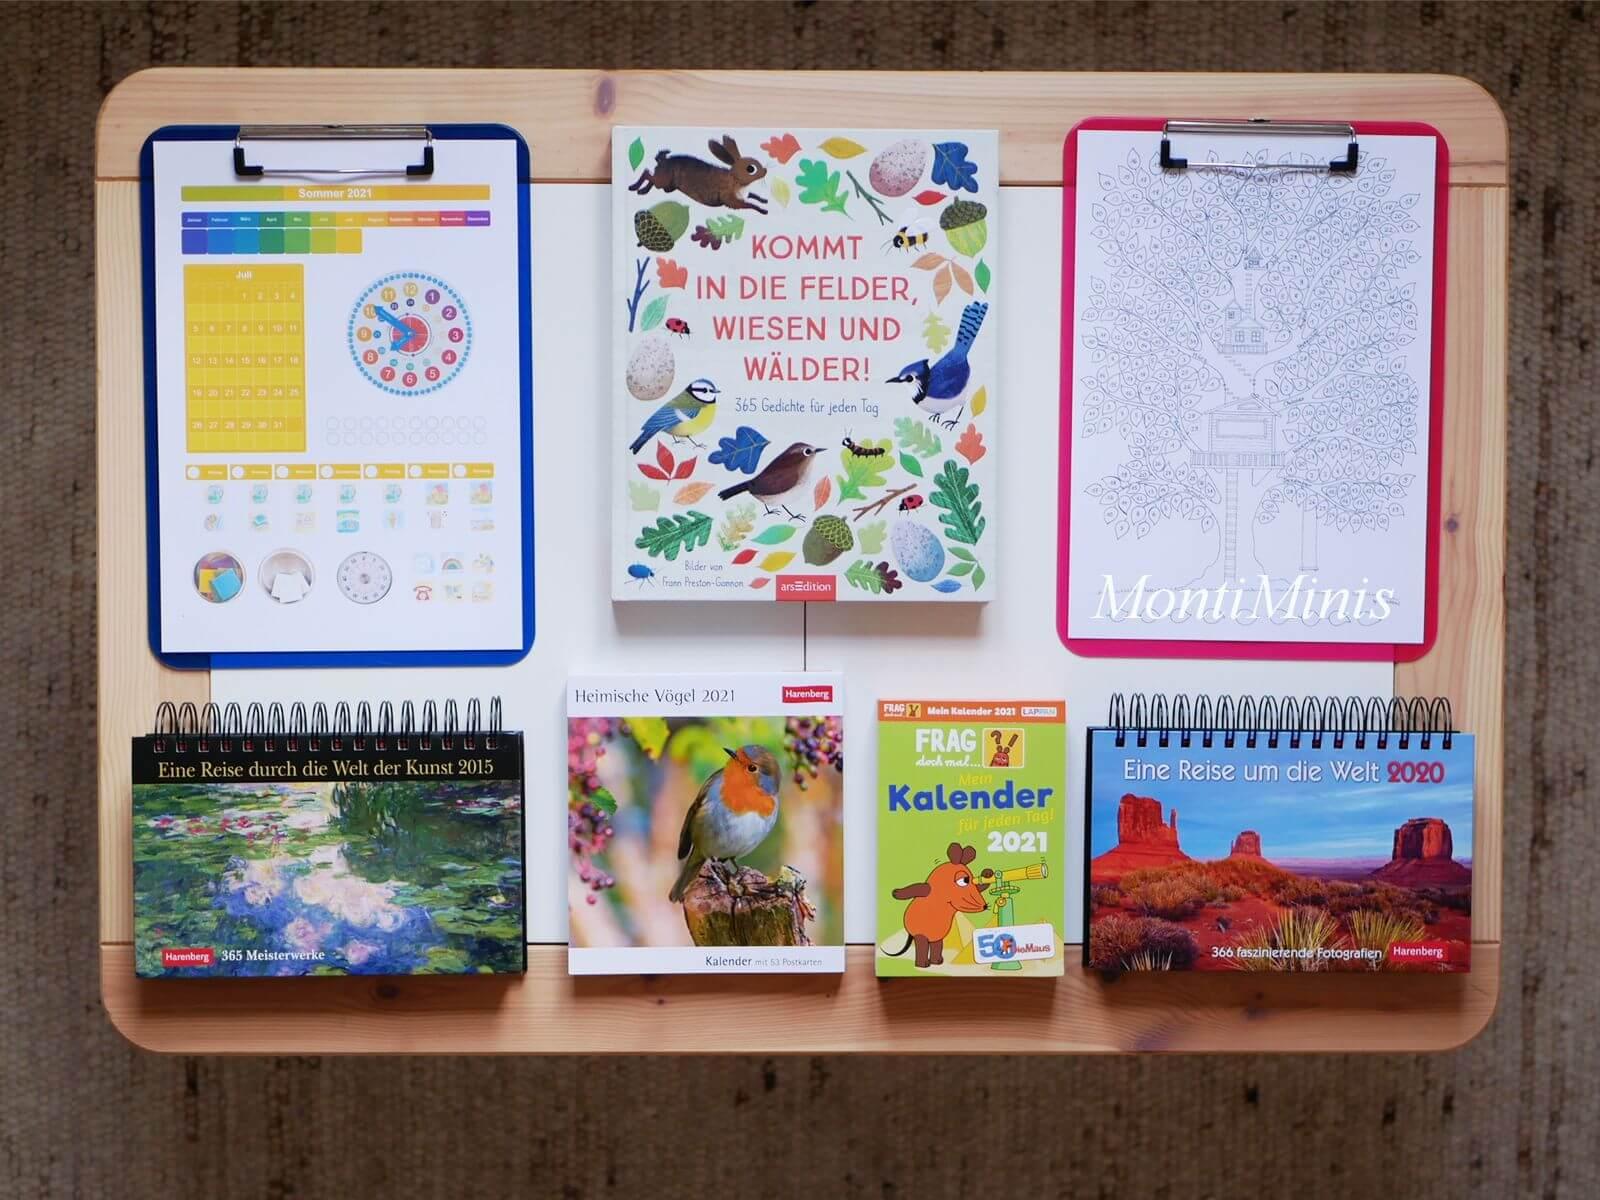 Kinderkalender-Kalender für Kinder-Frag die Maus Kalender, Kommt in die Felder, Wiesen und Wälder, MontiMinis Baumkalender, Wetterbaum, Rund um die Welt Kalender, MontiMinis Kalender